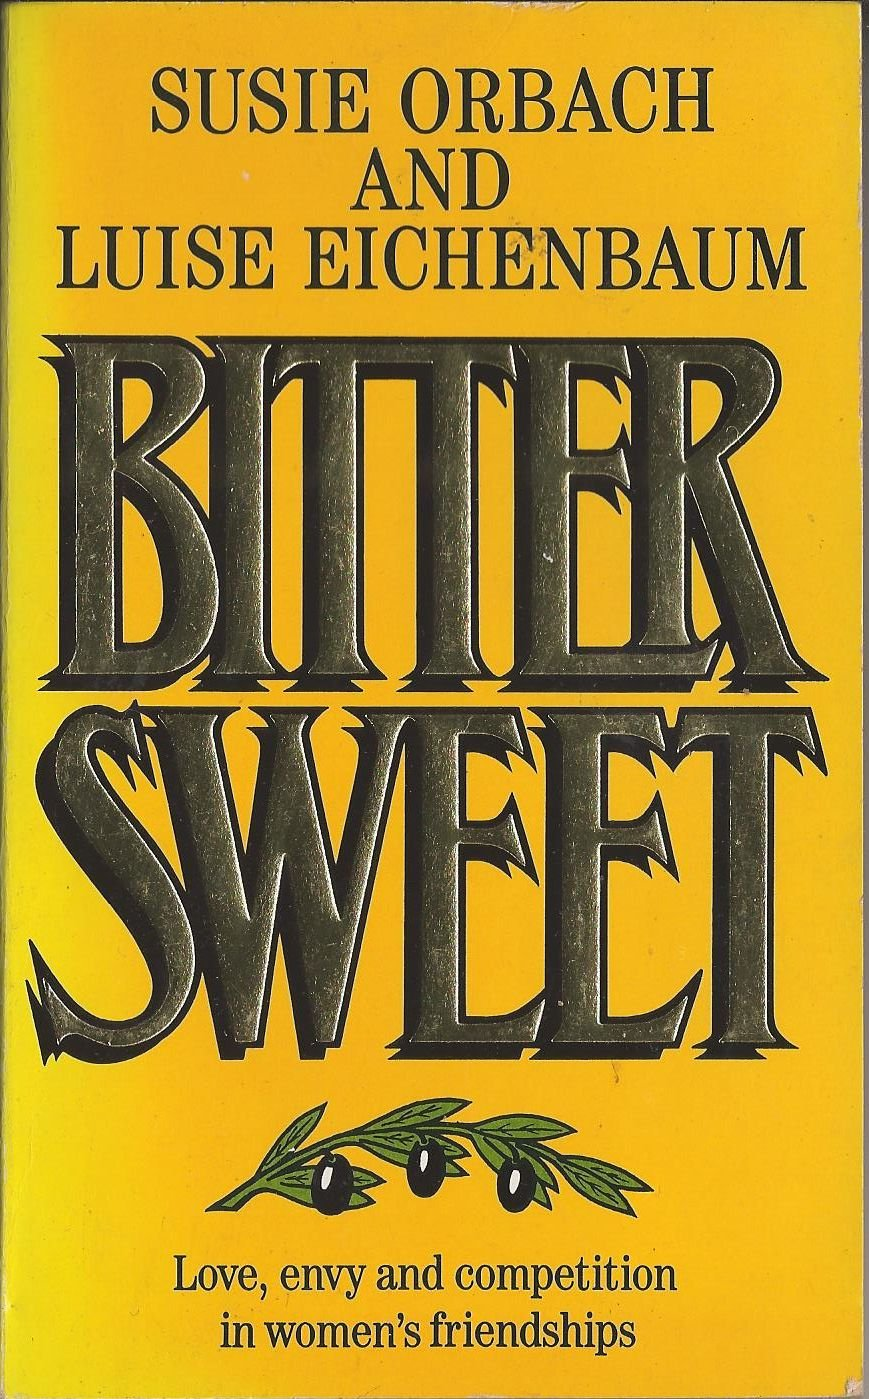 Portada de la edición estadounidense de  Bittersweet